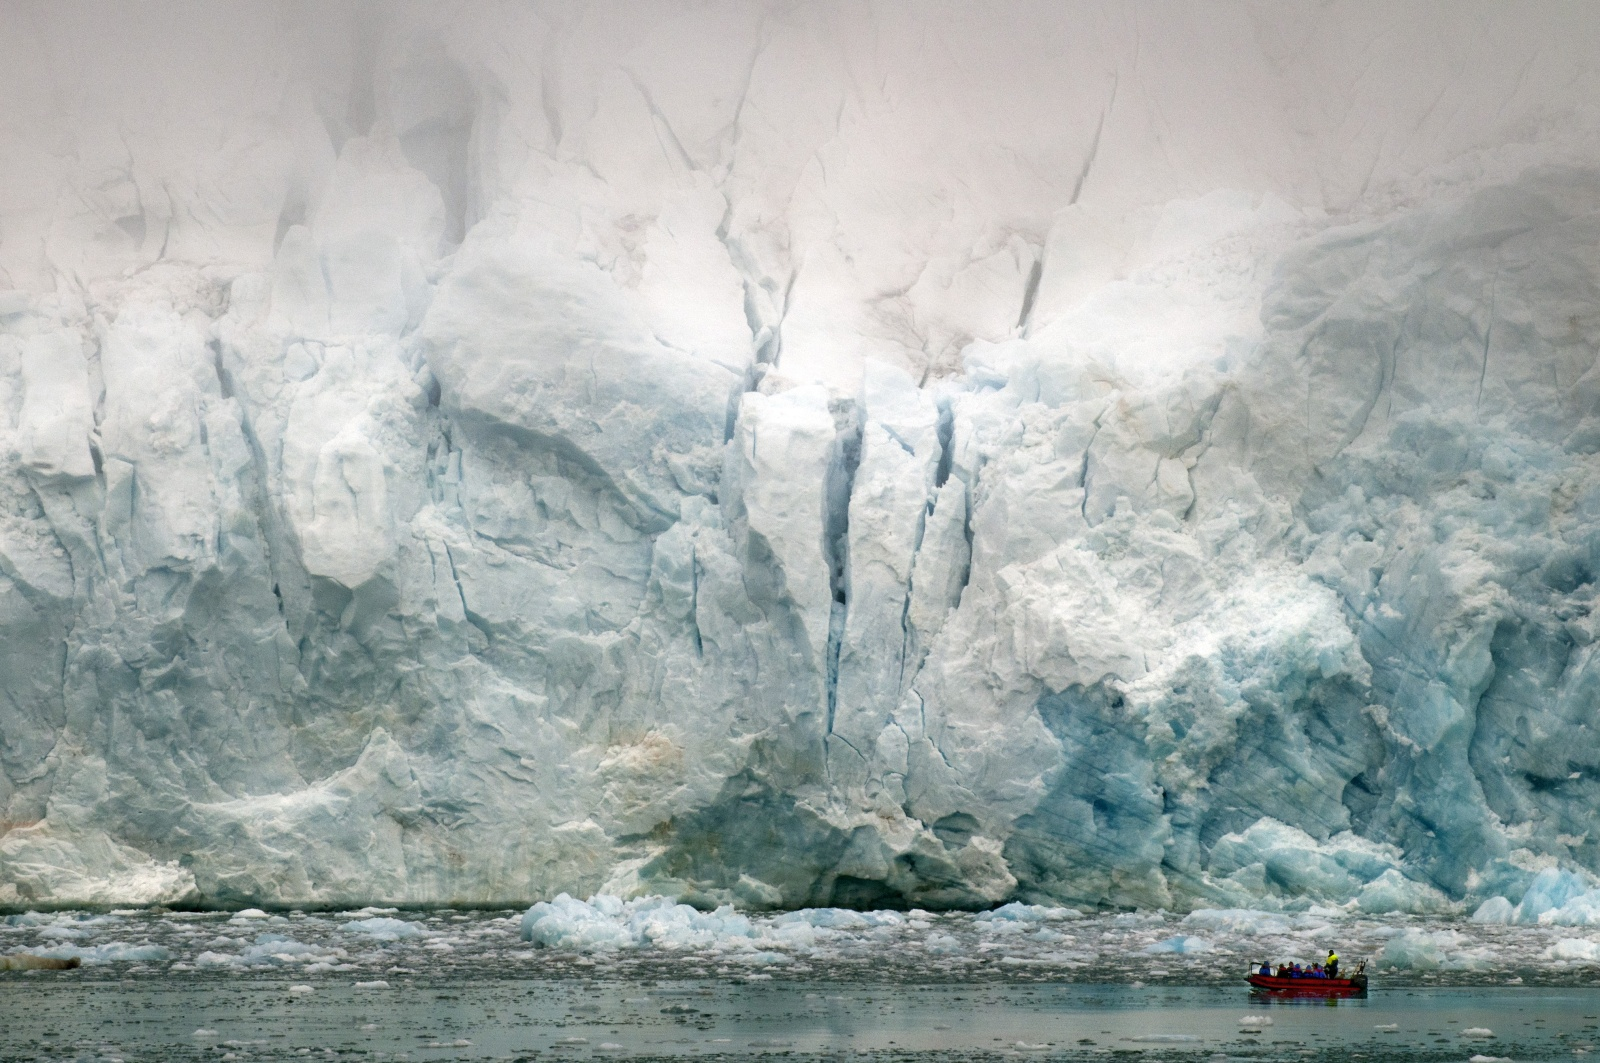 Lacerazioni Polari - Il ghiacciaio si butta nel mare e cadono blocchi con grande fragore dalla sommità nascosta nella nebbia. Un gruppo di visitatori si avvicina in gommone...l'uomo è veramente piccolo di fronte alla natura